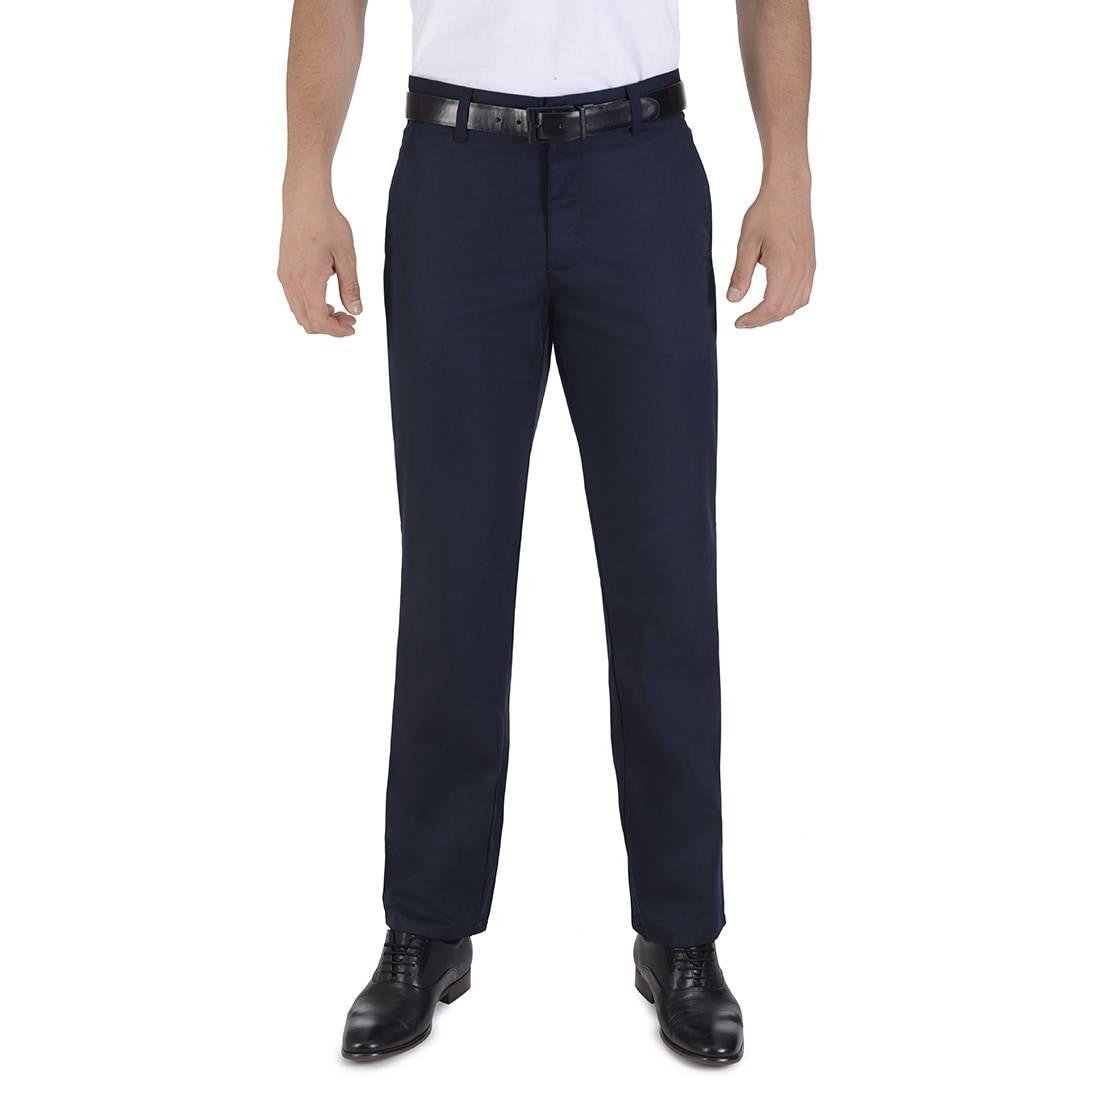 010920418919-01-Pantalon-Casual-Slim-Fit-Marino-yale